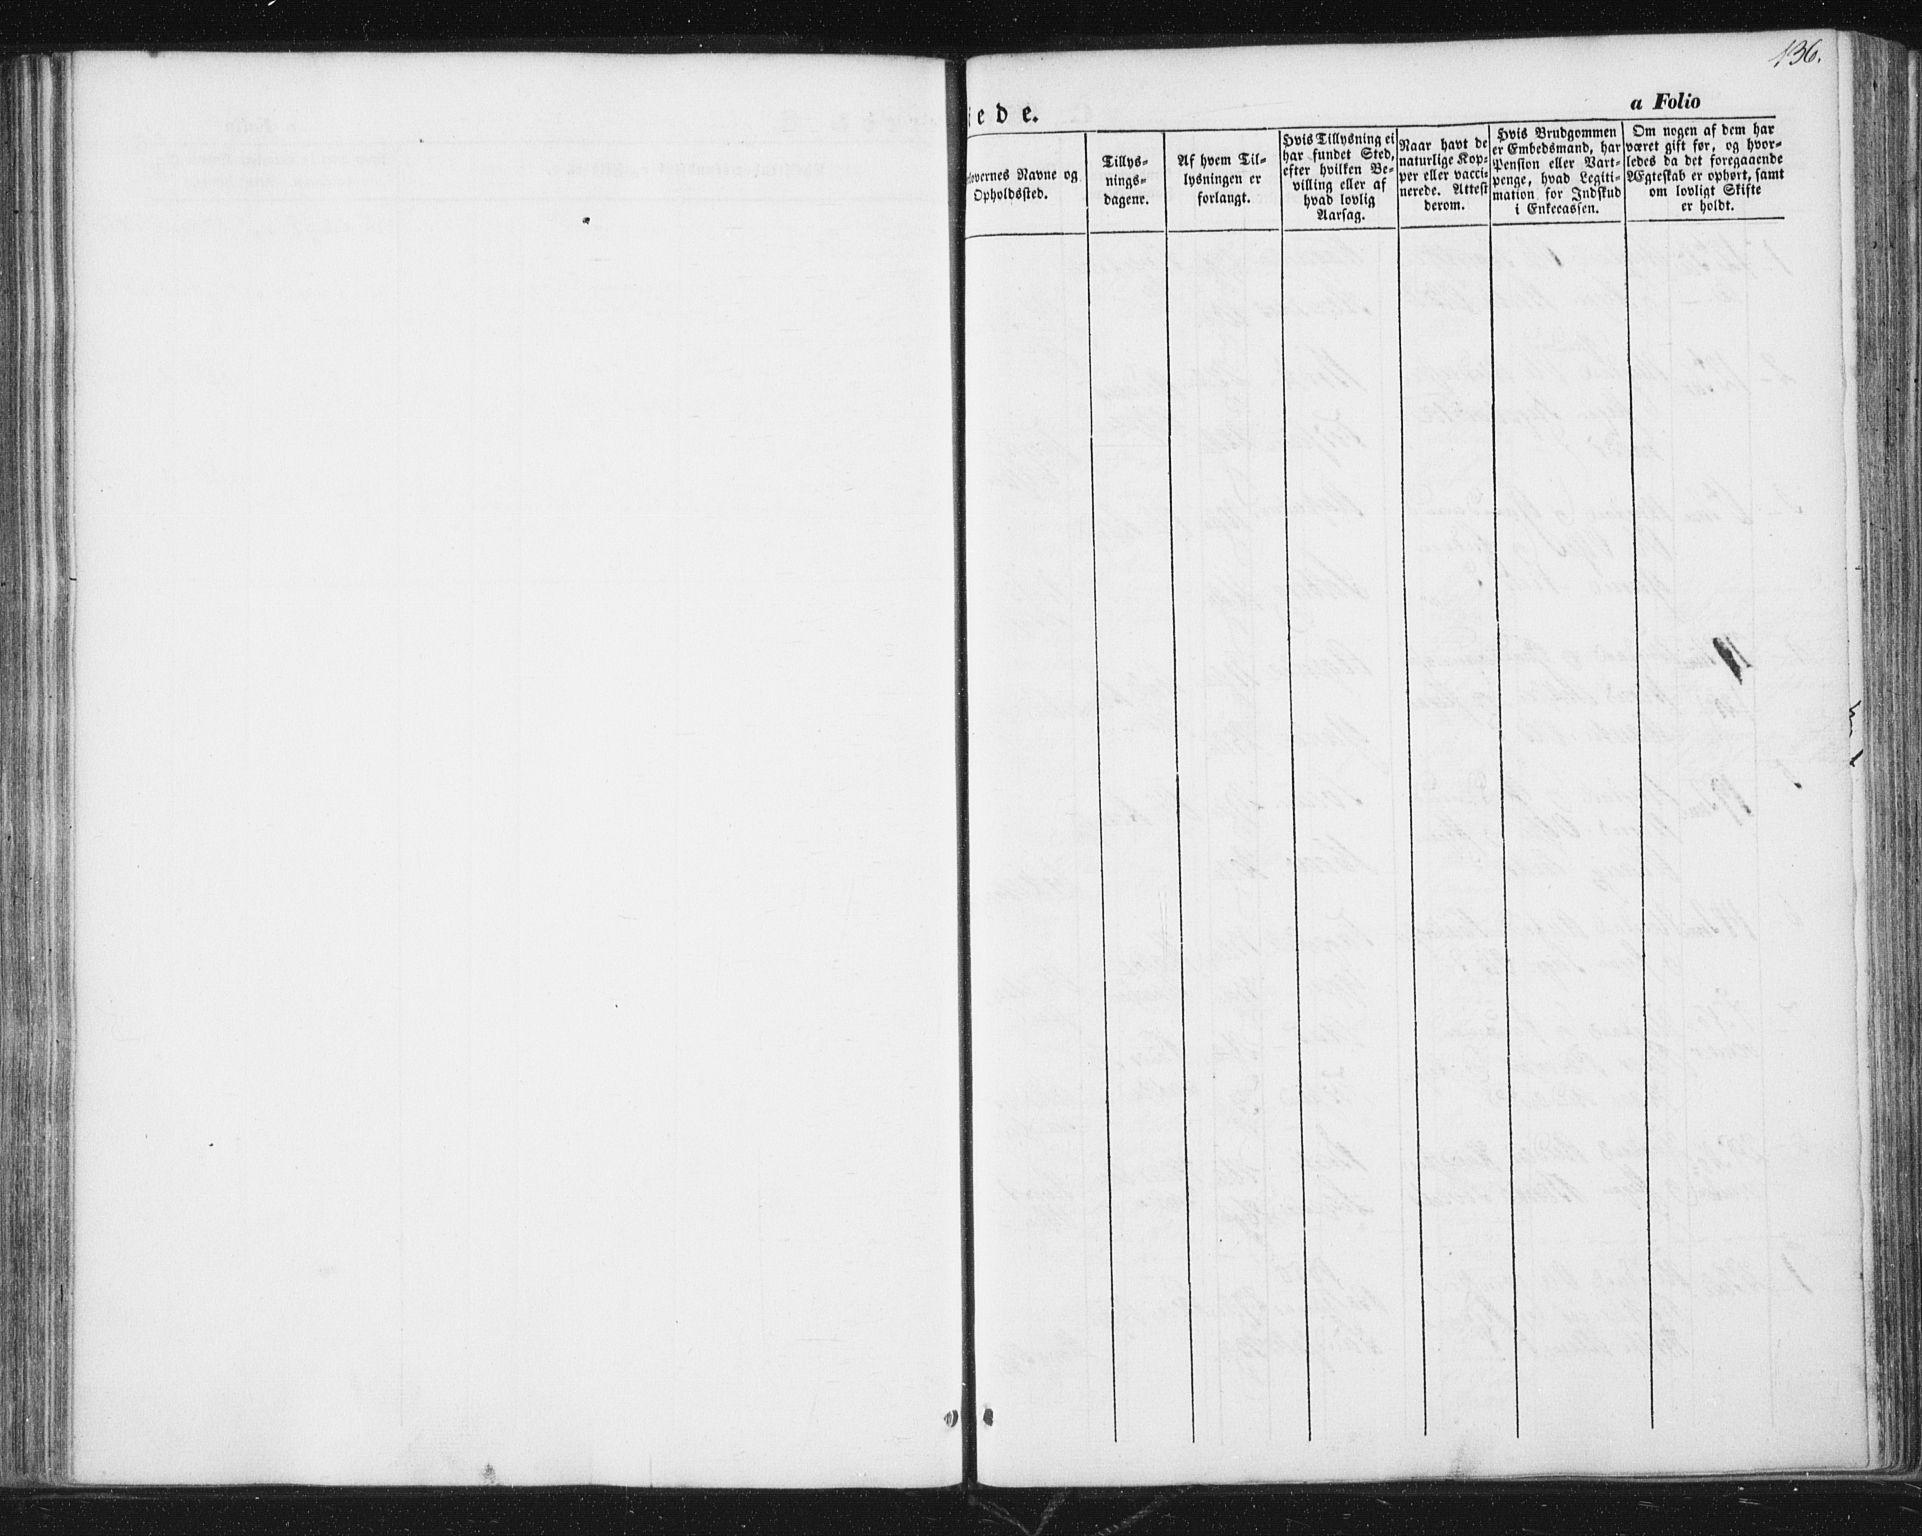 SAT, Ministerialprotokoller, klokkerbøker og fødselsregistre - Sør-Trøndelag, 689/L1038: Ministerialbok nr. 689A03, 1848-1872, s. 136